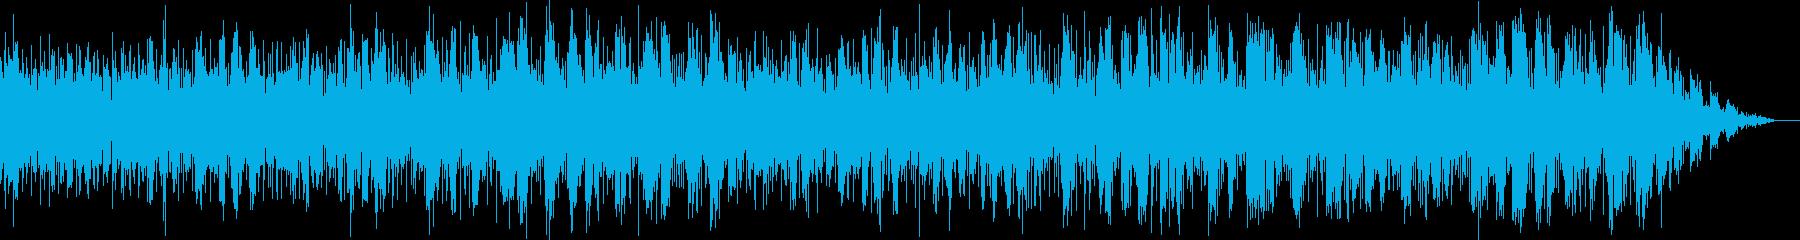 R&Bを備えた滑らかで官能的なセク...の再生済みの波形